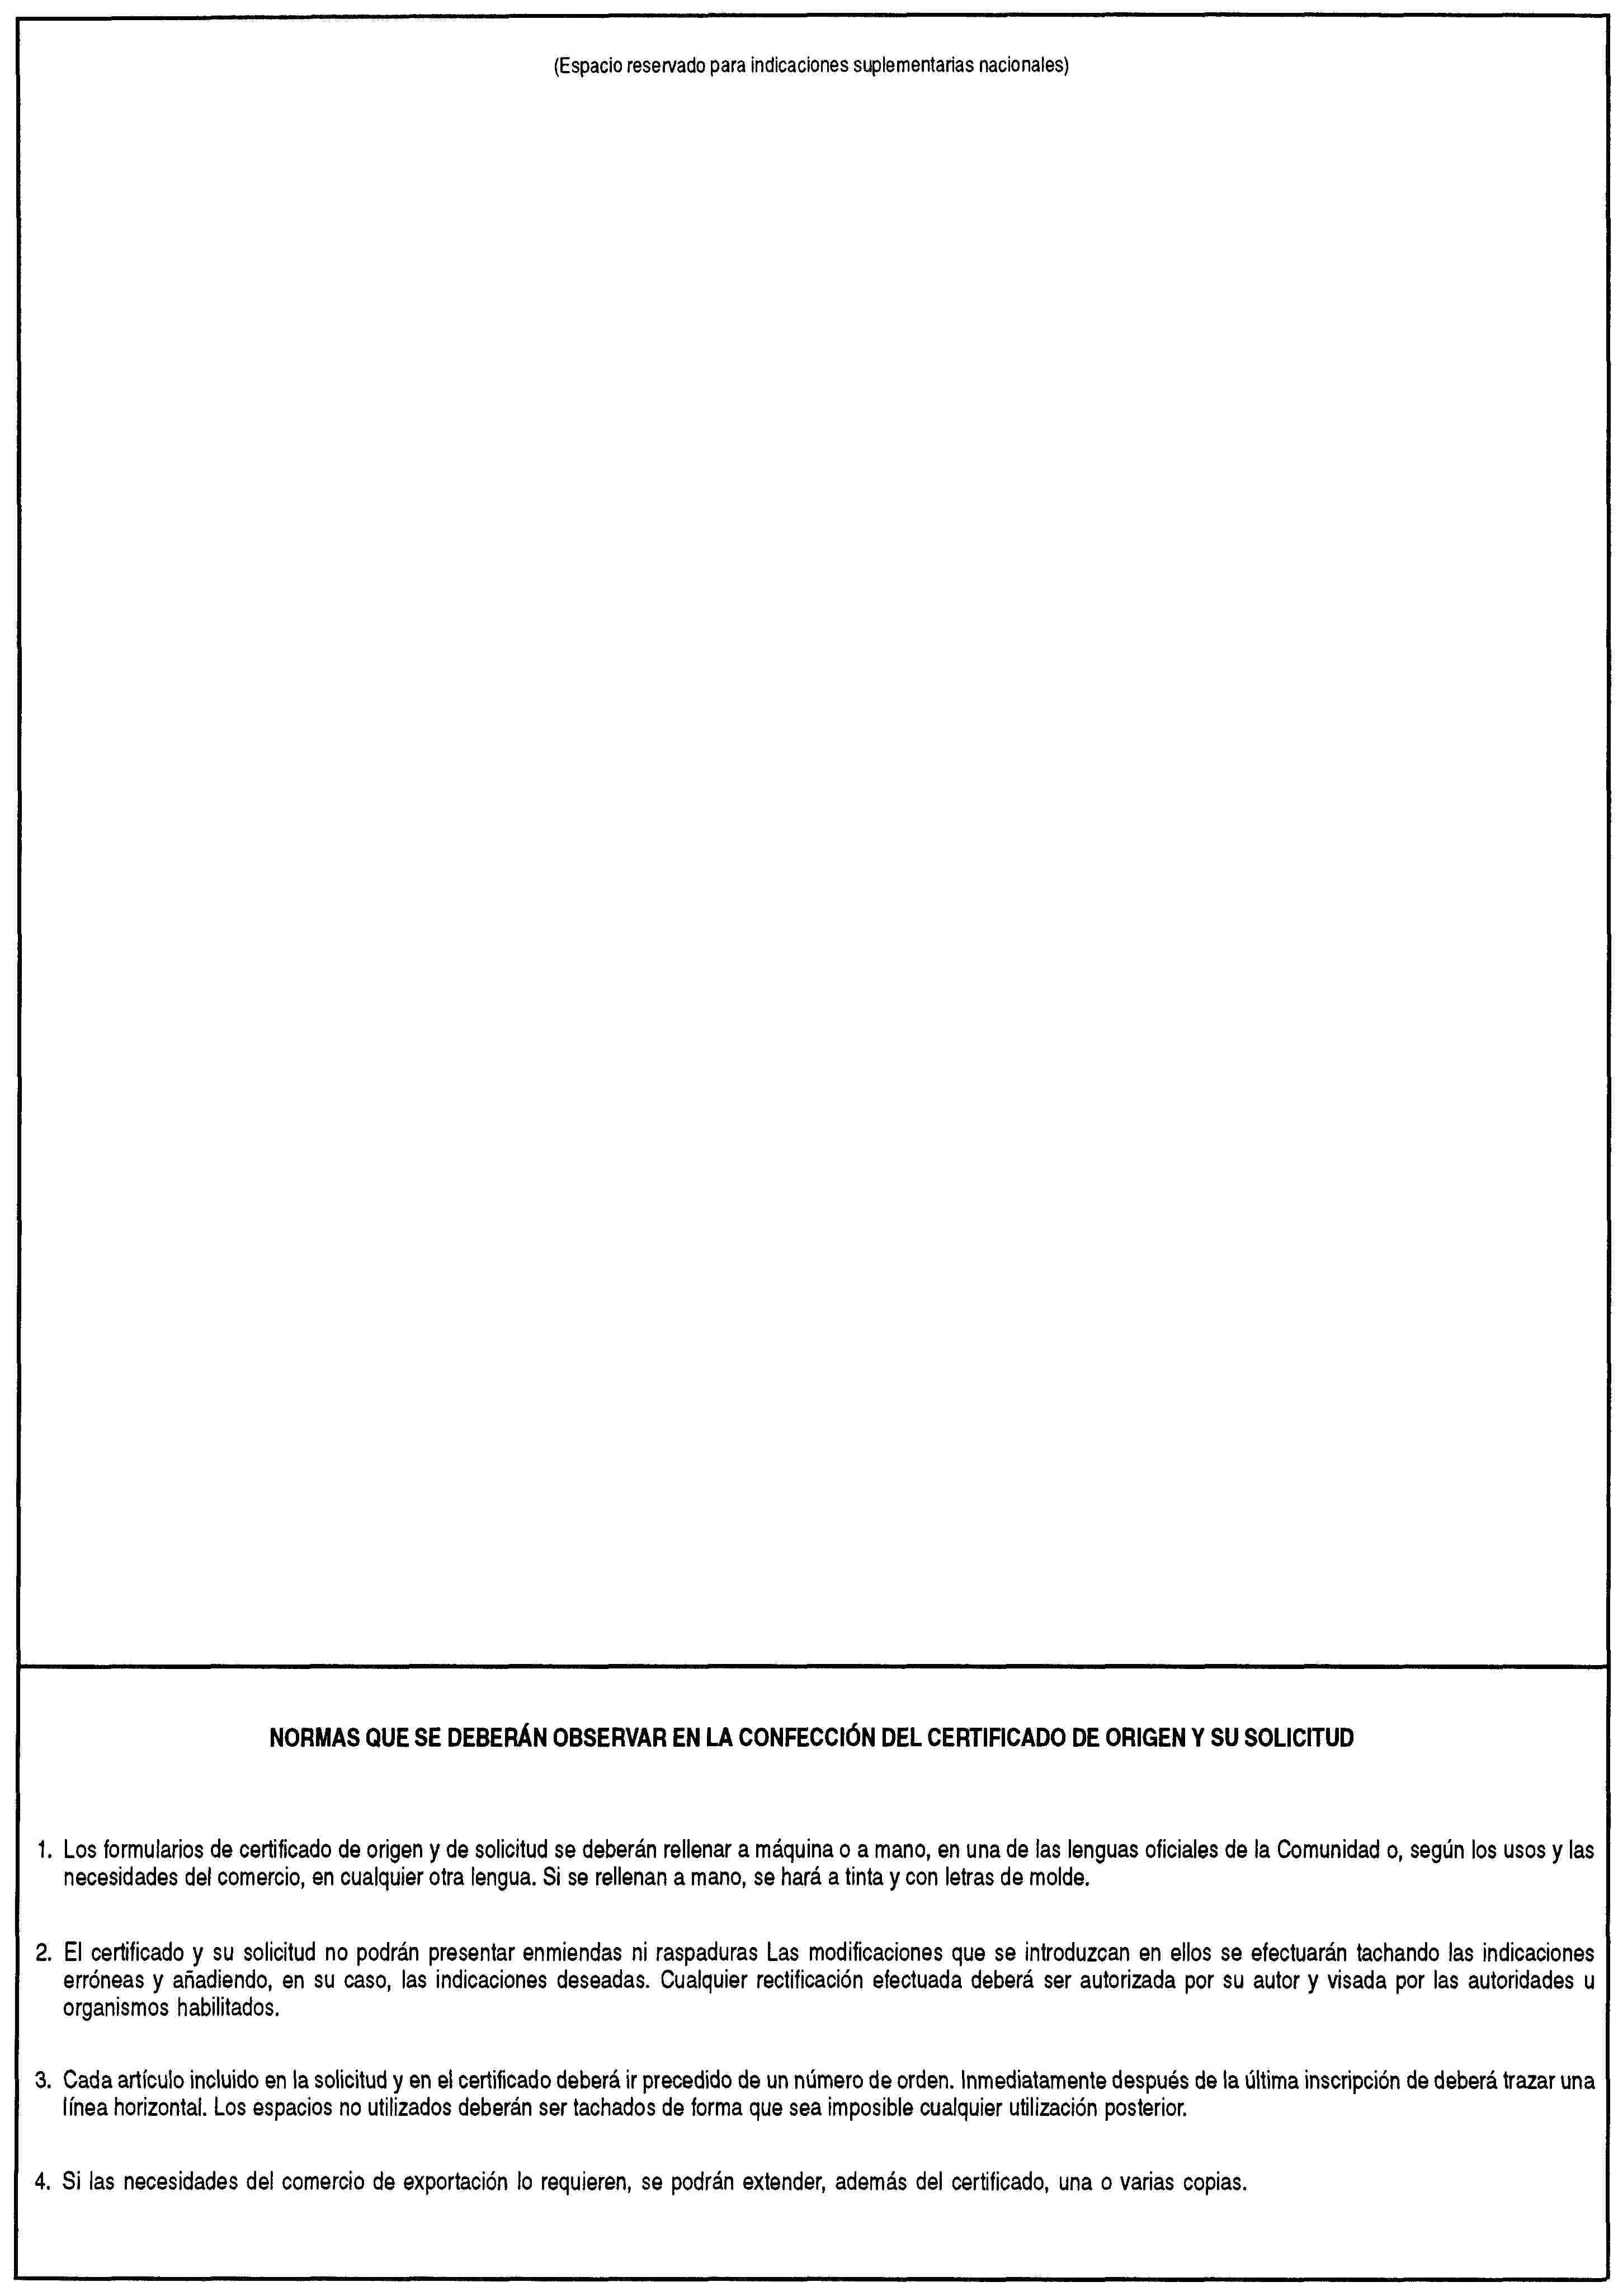 Calendario Junio 2019 Para Imprimir Uruguay Más Recientemente Liberado Eur Lex R2454 En Eur Lex Of Calendario Junio 2019 Para Imprimir Uruguay Más Recientemente Liberado Lief Te Regala Este Calendario 2018 Para Imprimir Y Decorar Tu Hogar